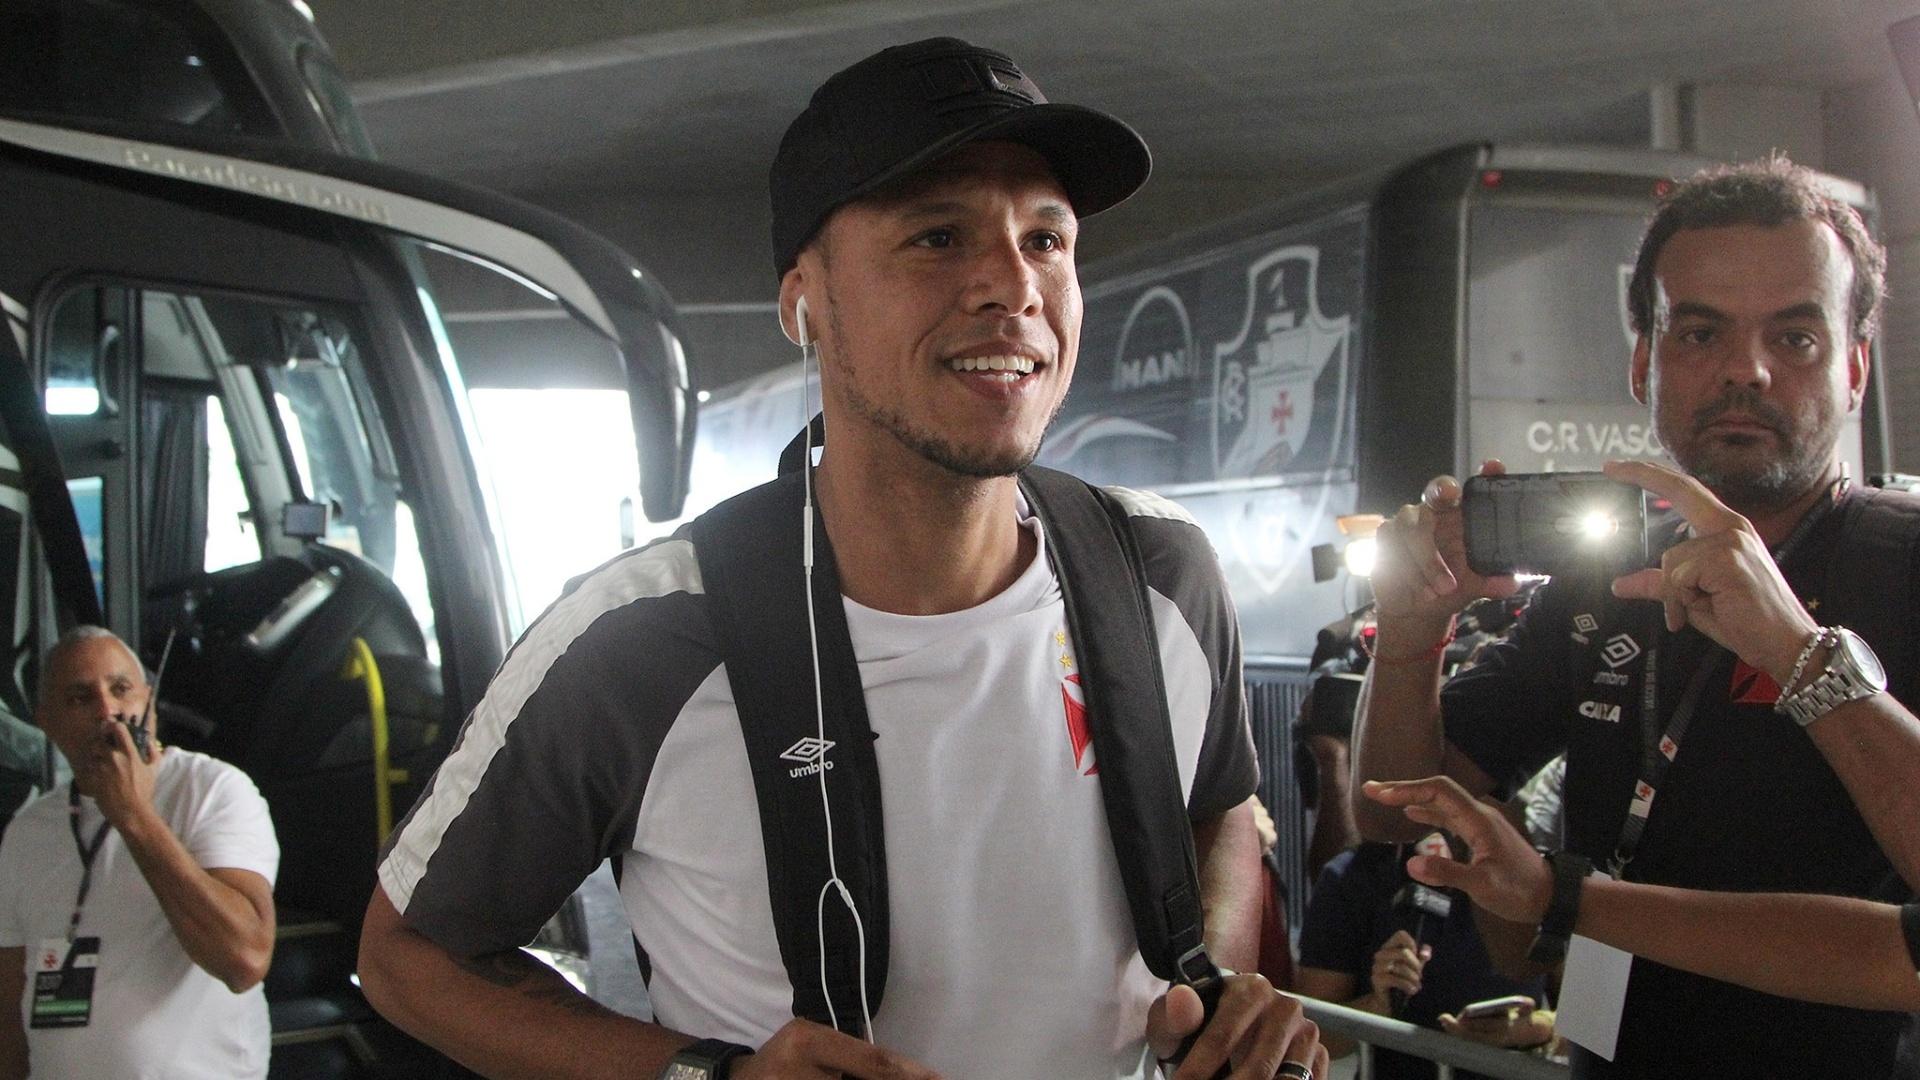 Luís Fabiano desembarca de ônibus para partida do Vasco contra o Macaé